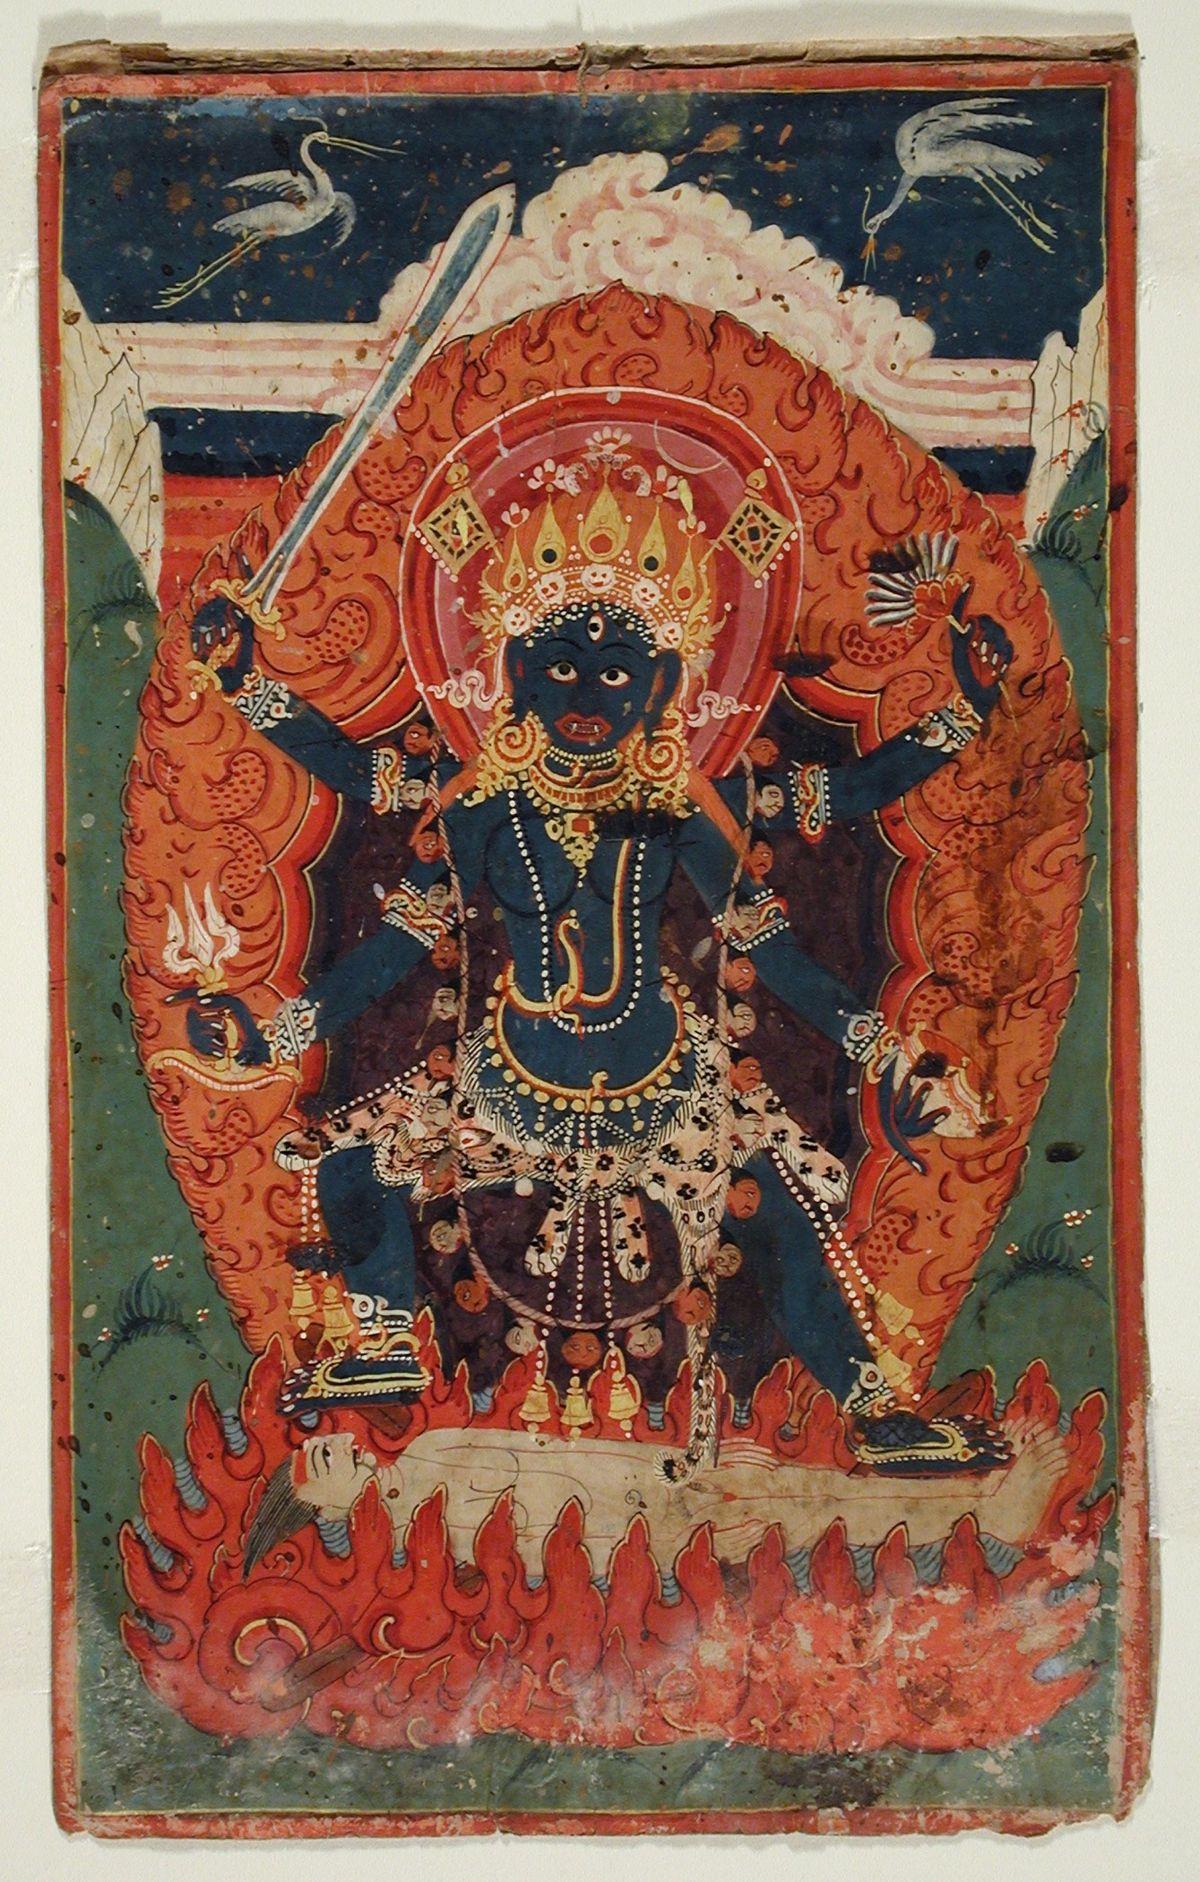 Tara (Devi) - Wikipedia